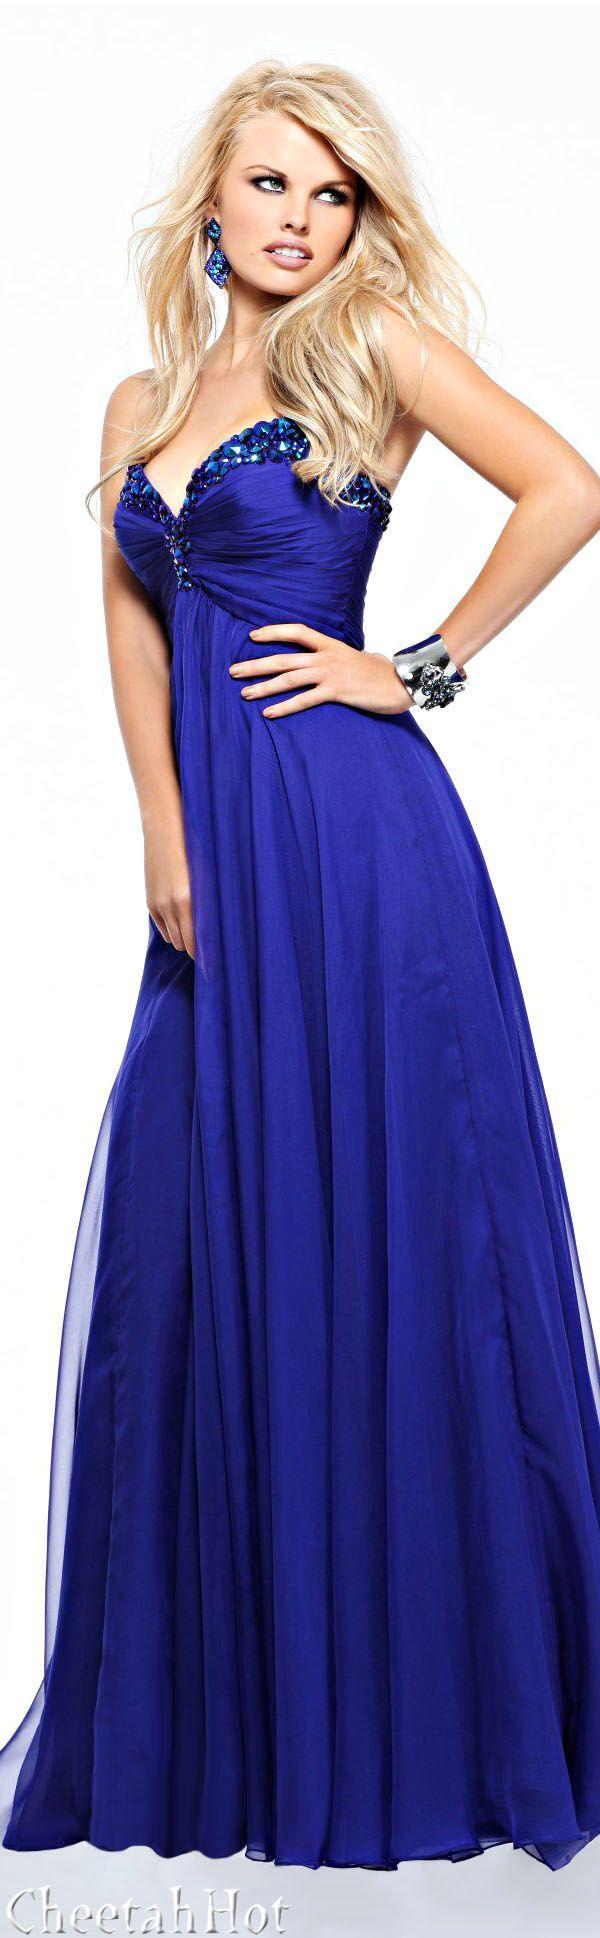 Dama De Honor - Vestidos Azules Hermosos ...... #2142480 - Weddbook